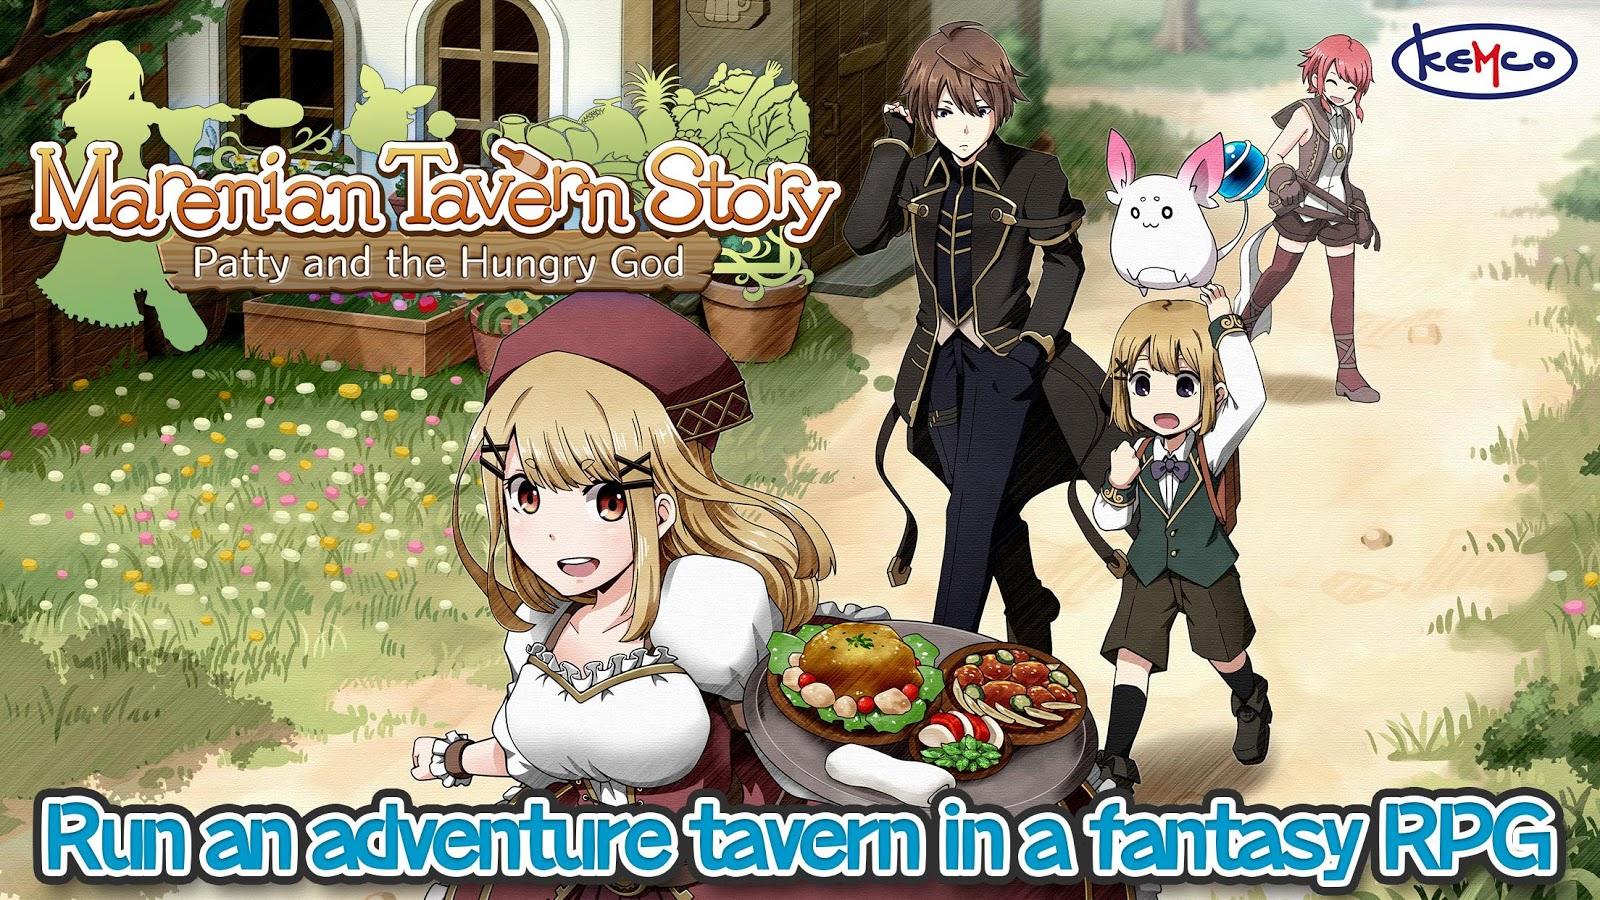 Premium] RPG Marenian Tavern Story 1 1 4g APK Download